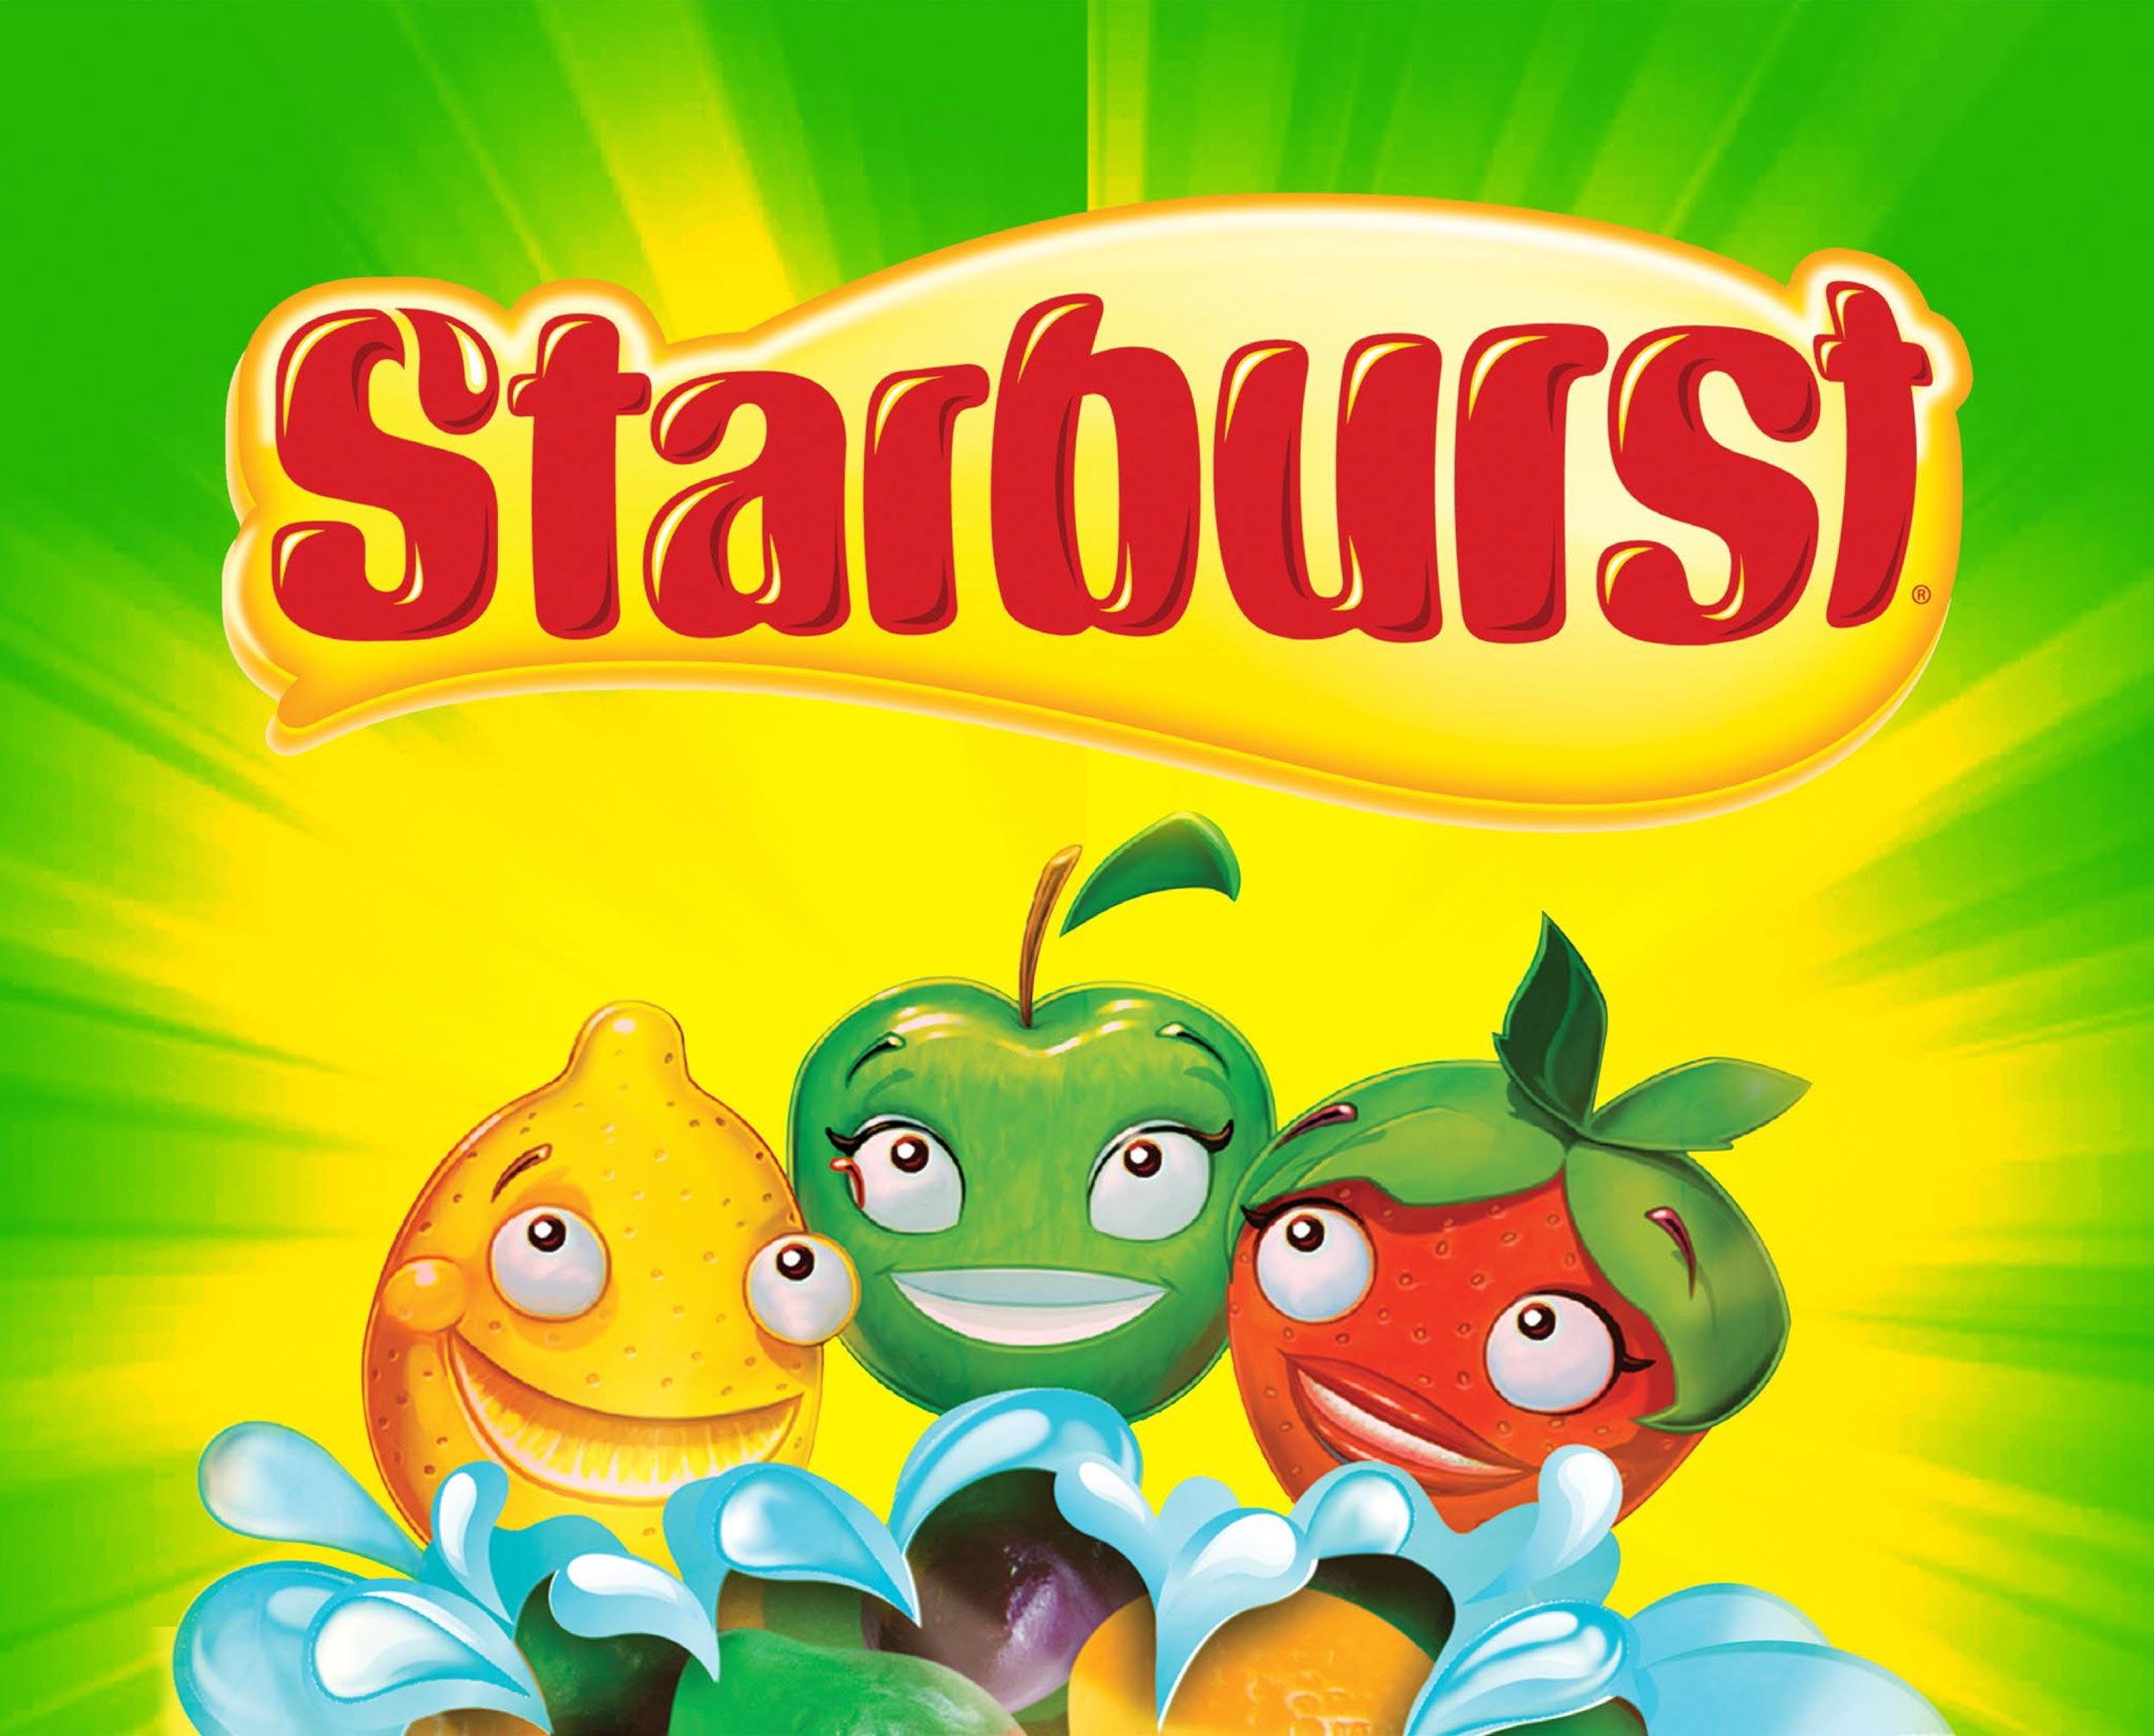 starburst branding